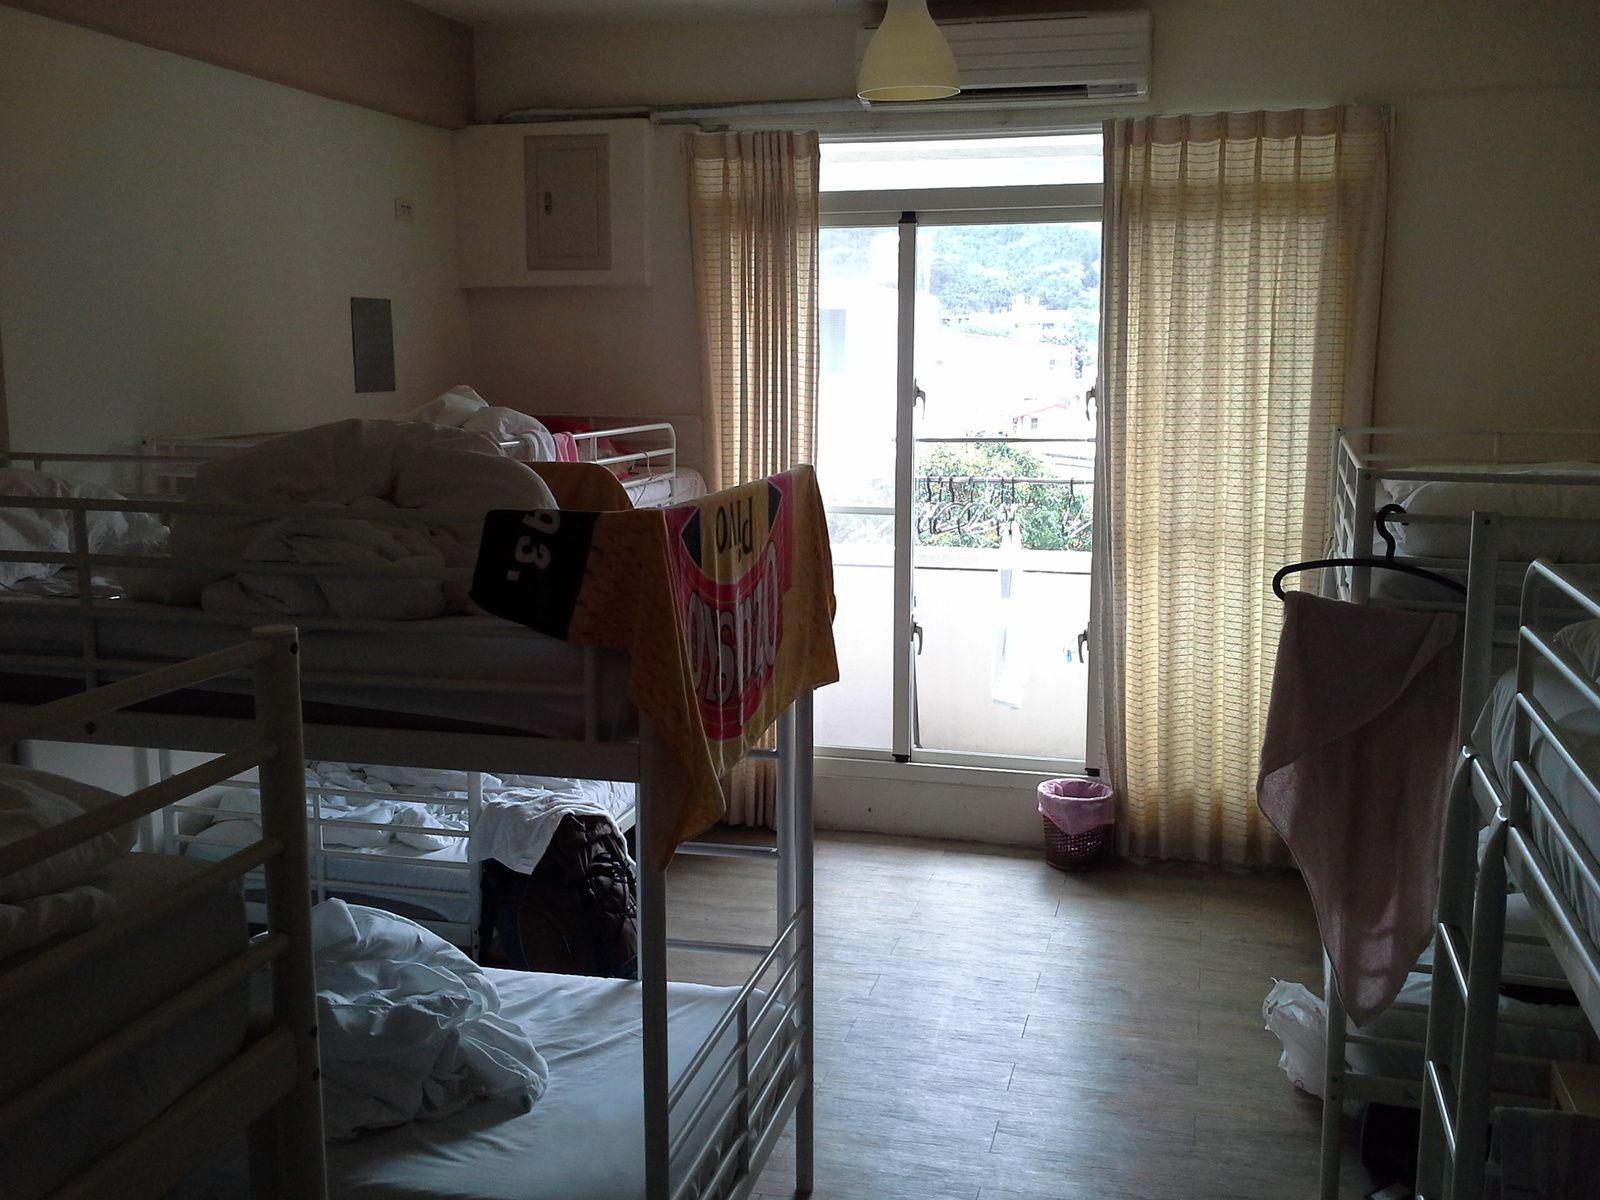 dortoir comme dans les auberges de jeunesse, tres propres.